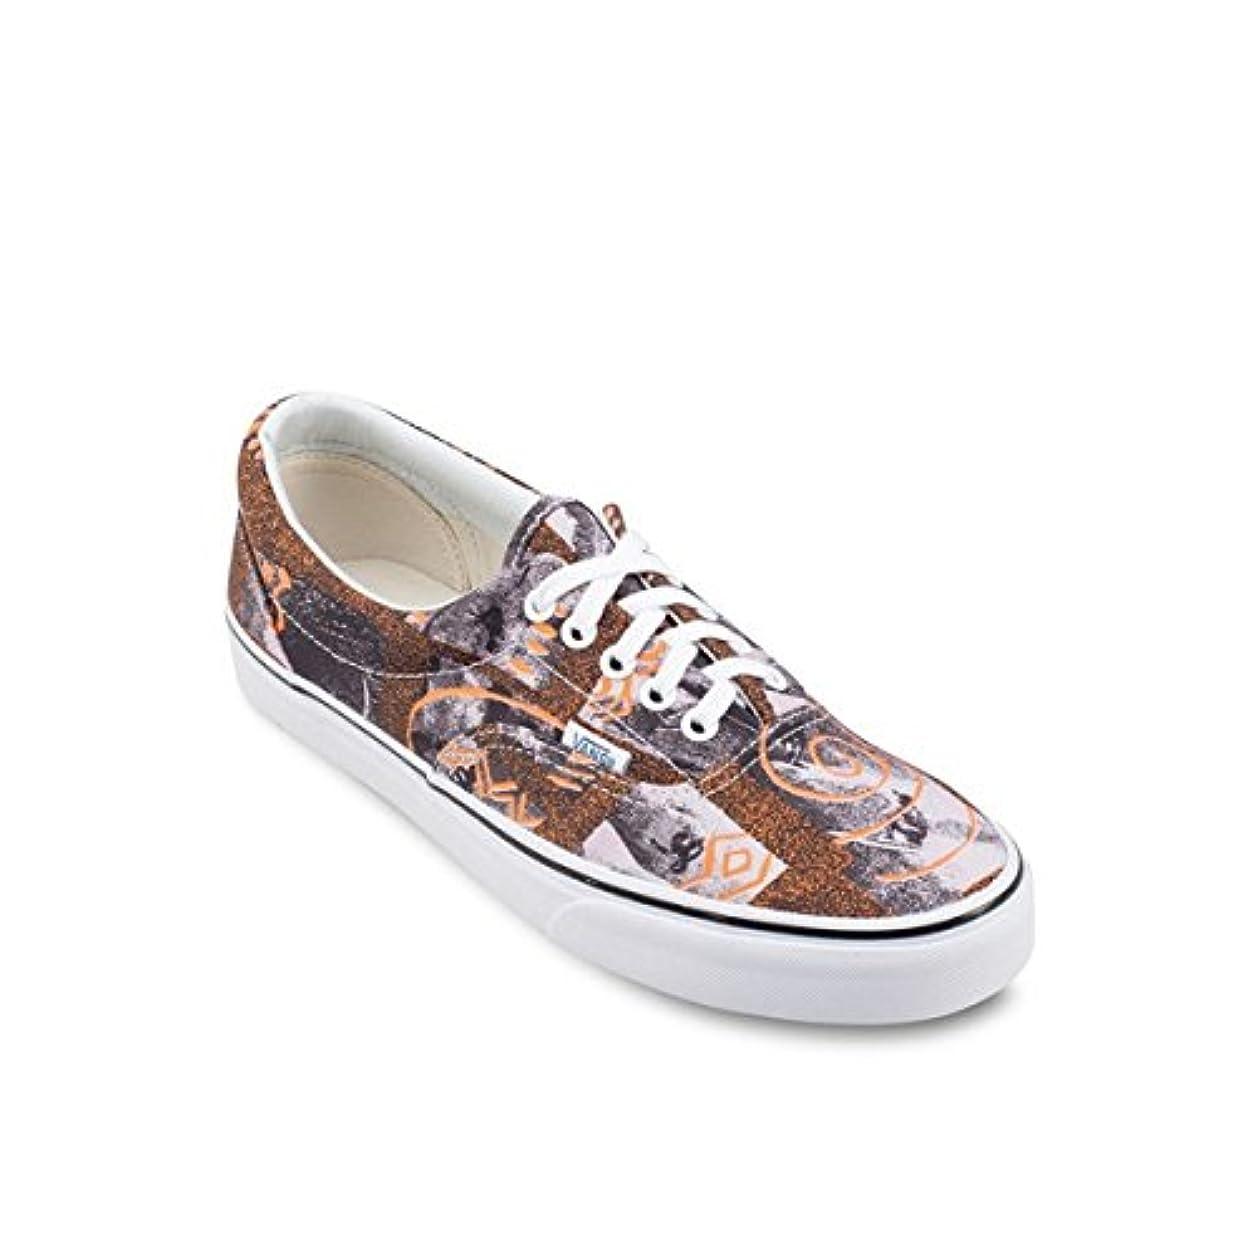 製造泥だらけかんがい(バンズ) VANS レディース シューズ?靴 スニーカー Era Sneakers 並行輸入品